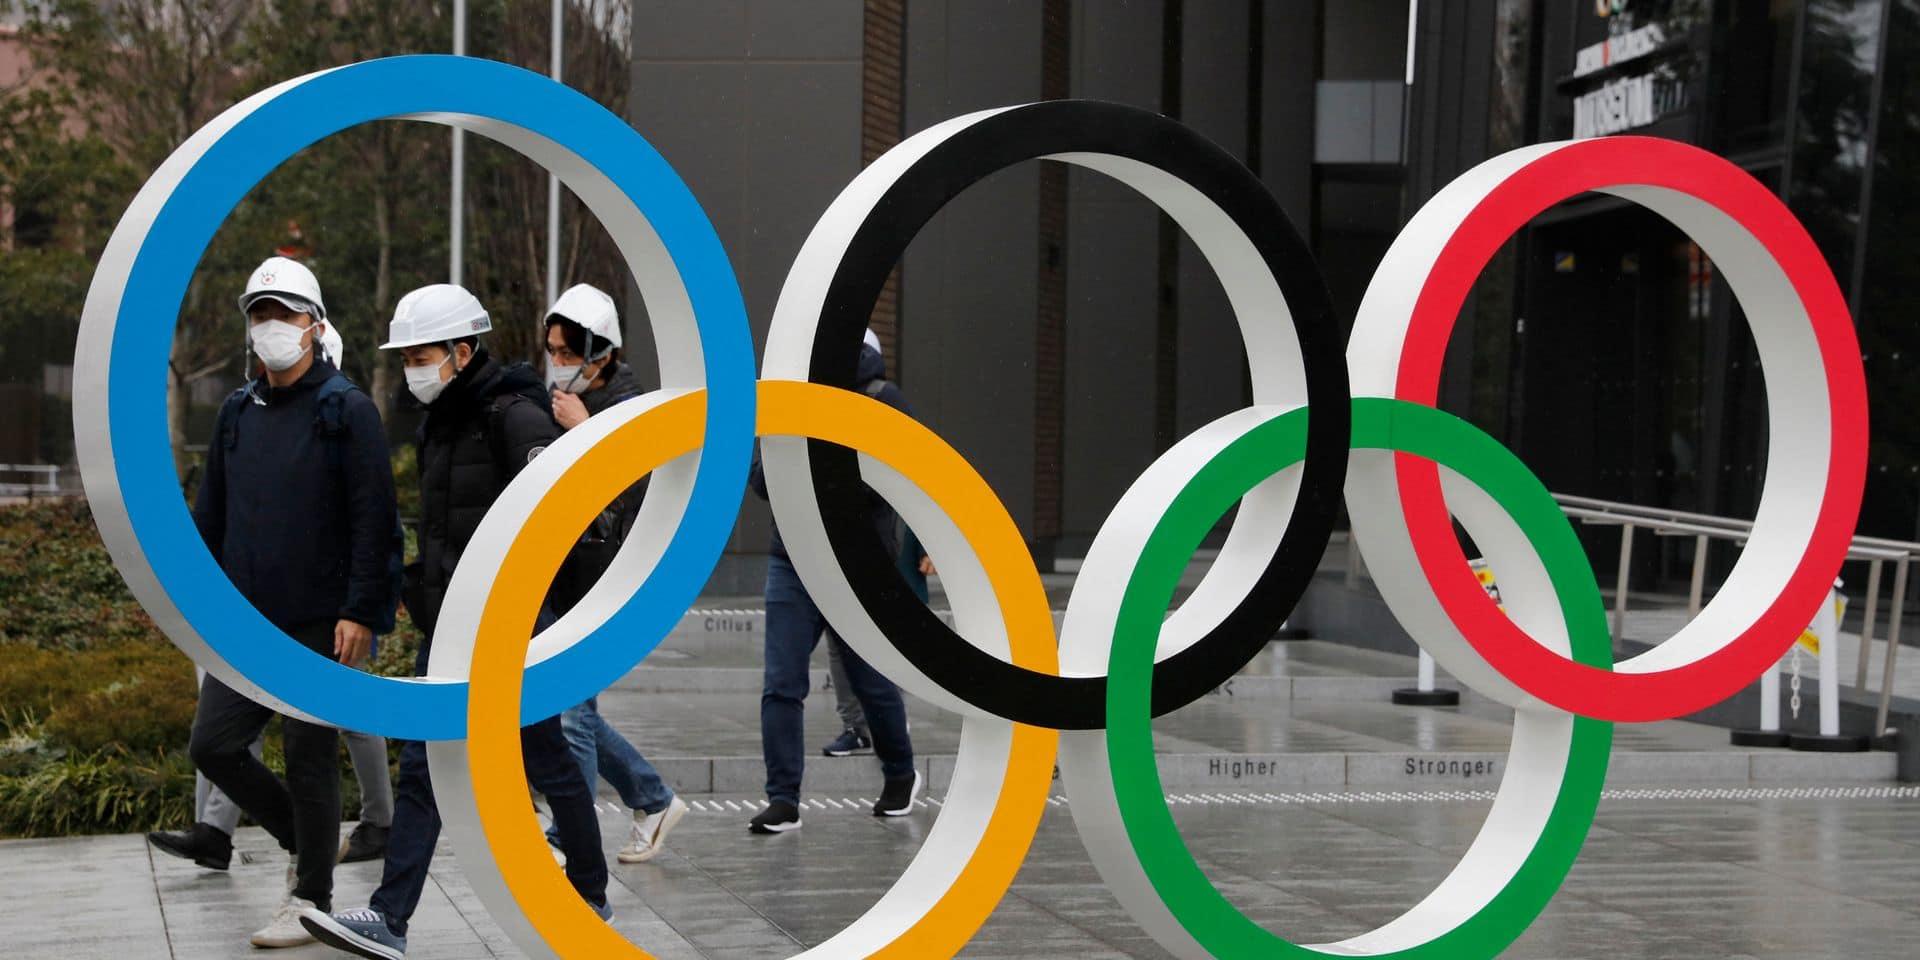 JO 2020 - De nombreux sponsors incertains après le report en 2021